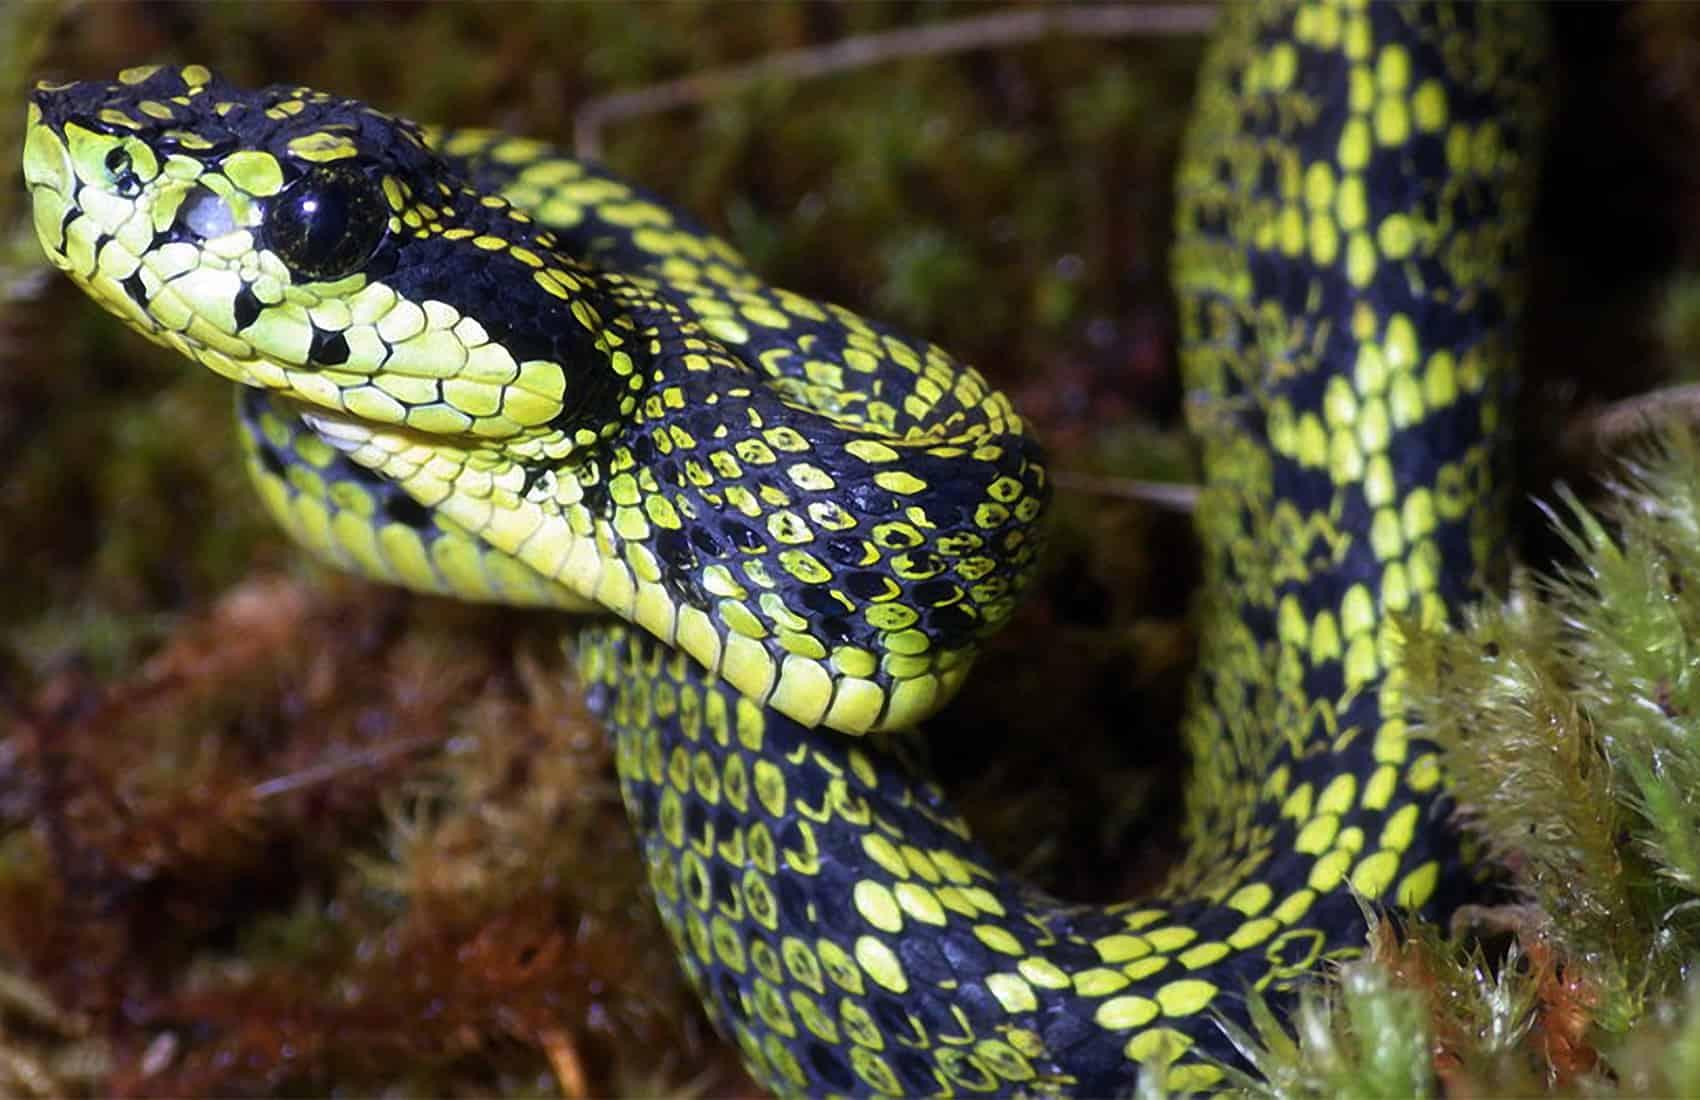 Talamancan Palm-Pitviper - New Costa Rican snake